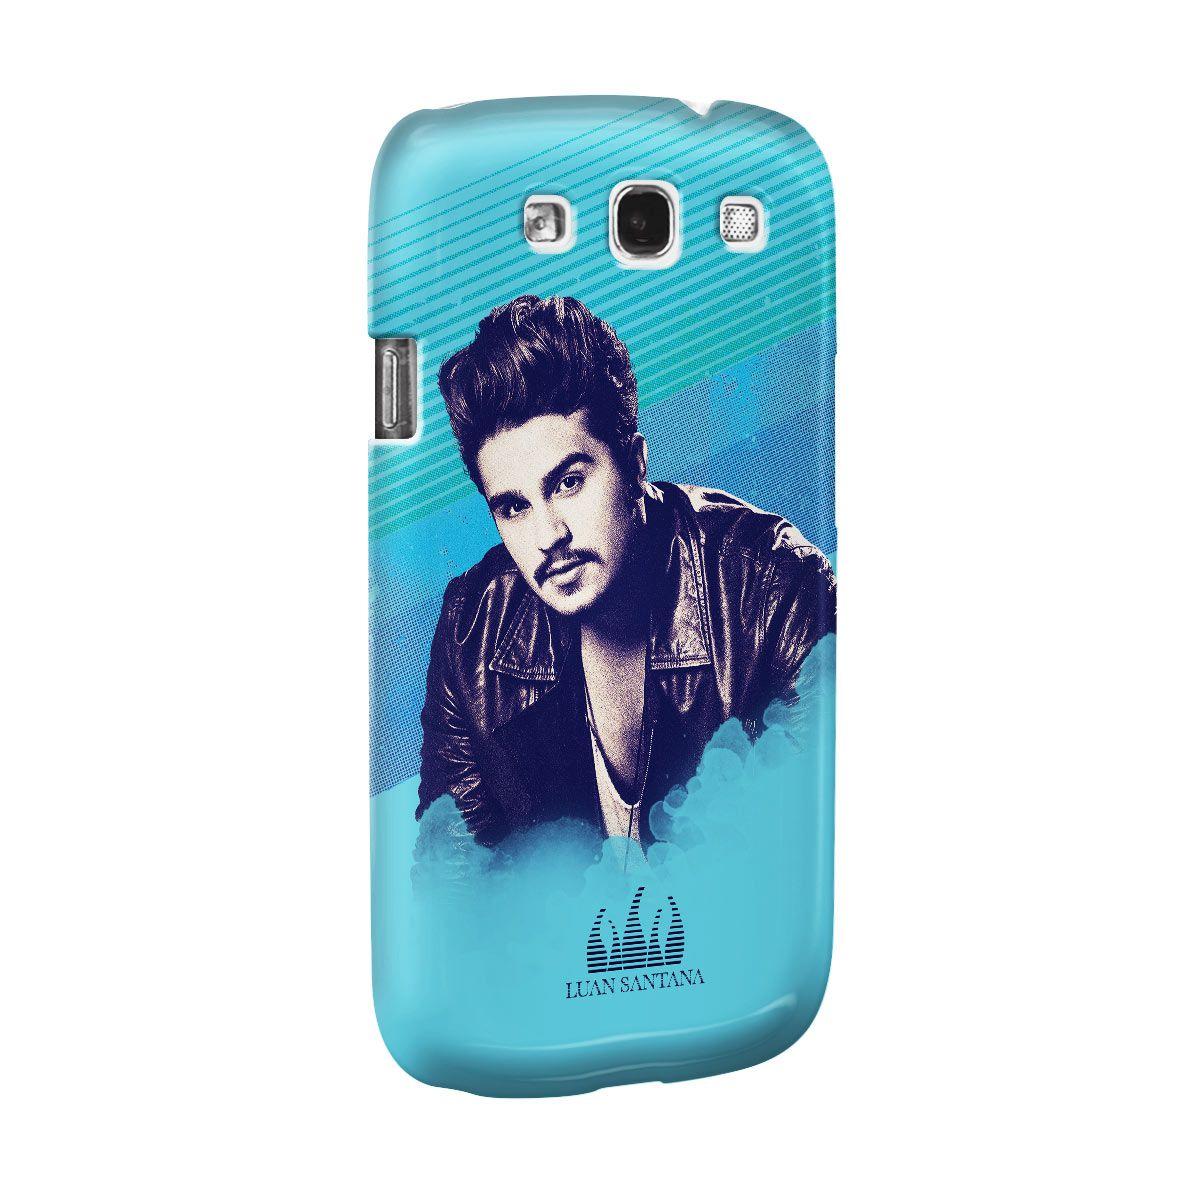 Capa para Celular Samsung Galaxy S3 Luan Santana Sky